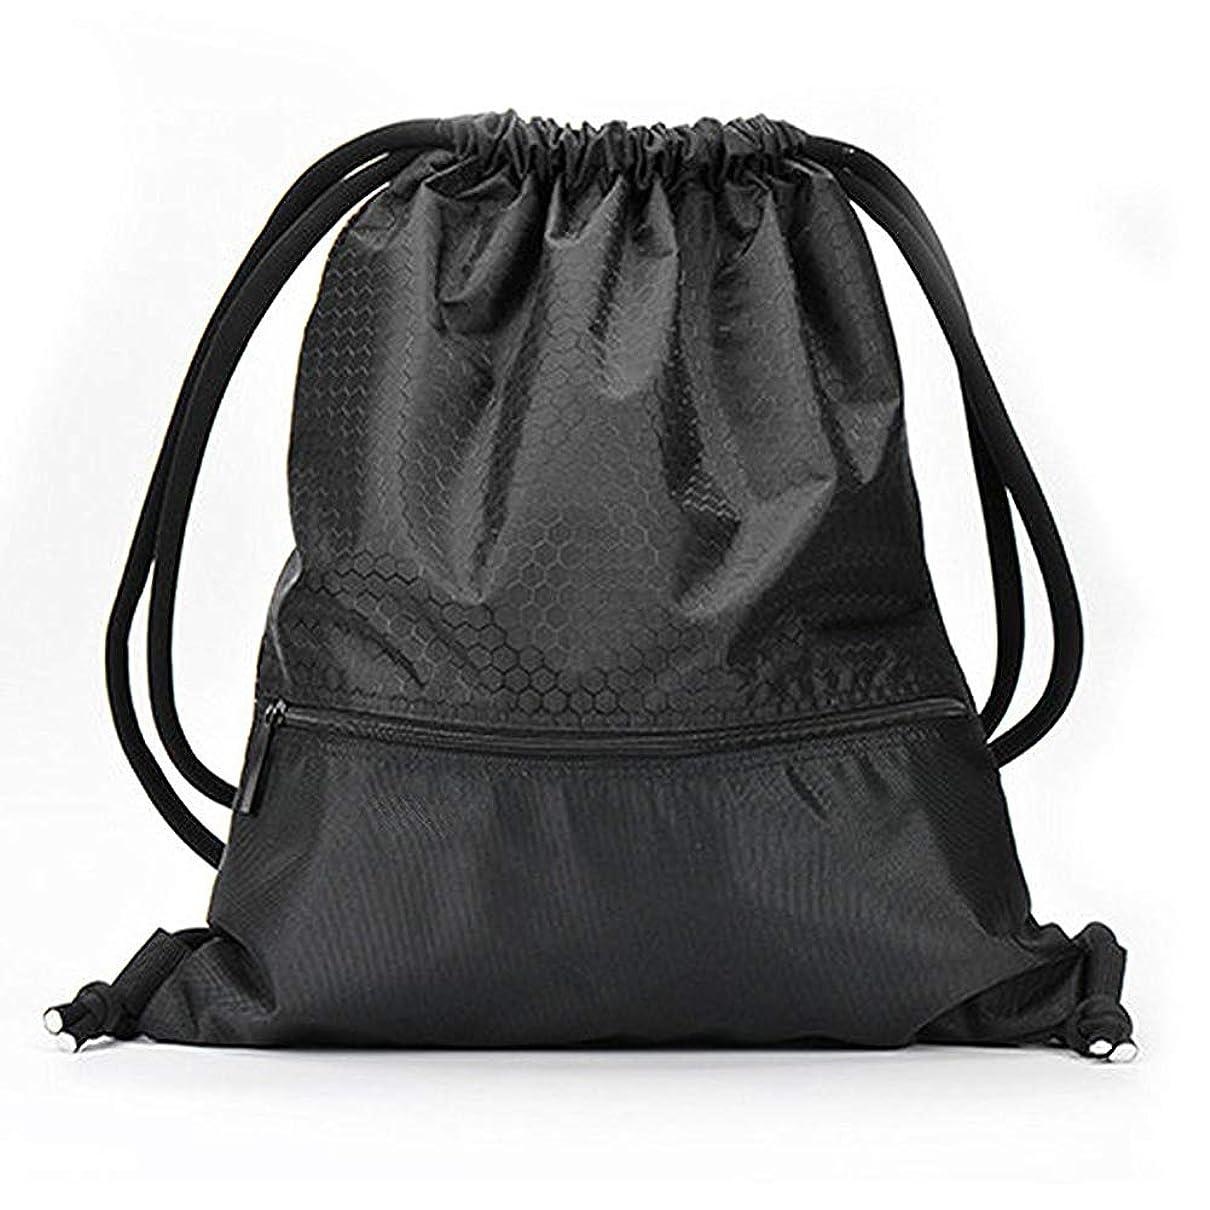 ピル指標移動Foppery ジムサック ナップサック スポーツバッグ 巾着袋 リュック ナイロン 撥水 軽量 耐久性 ポケット付き 男女兼用